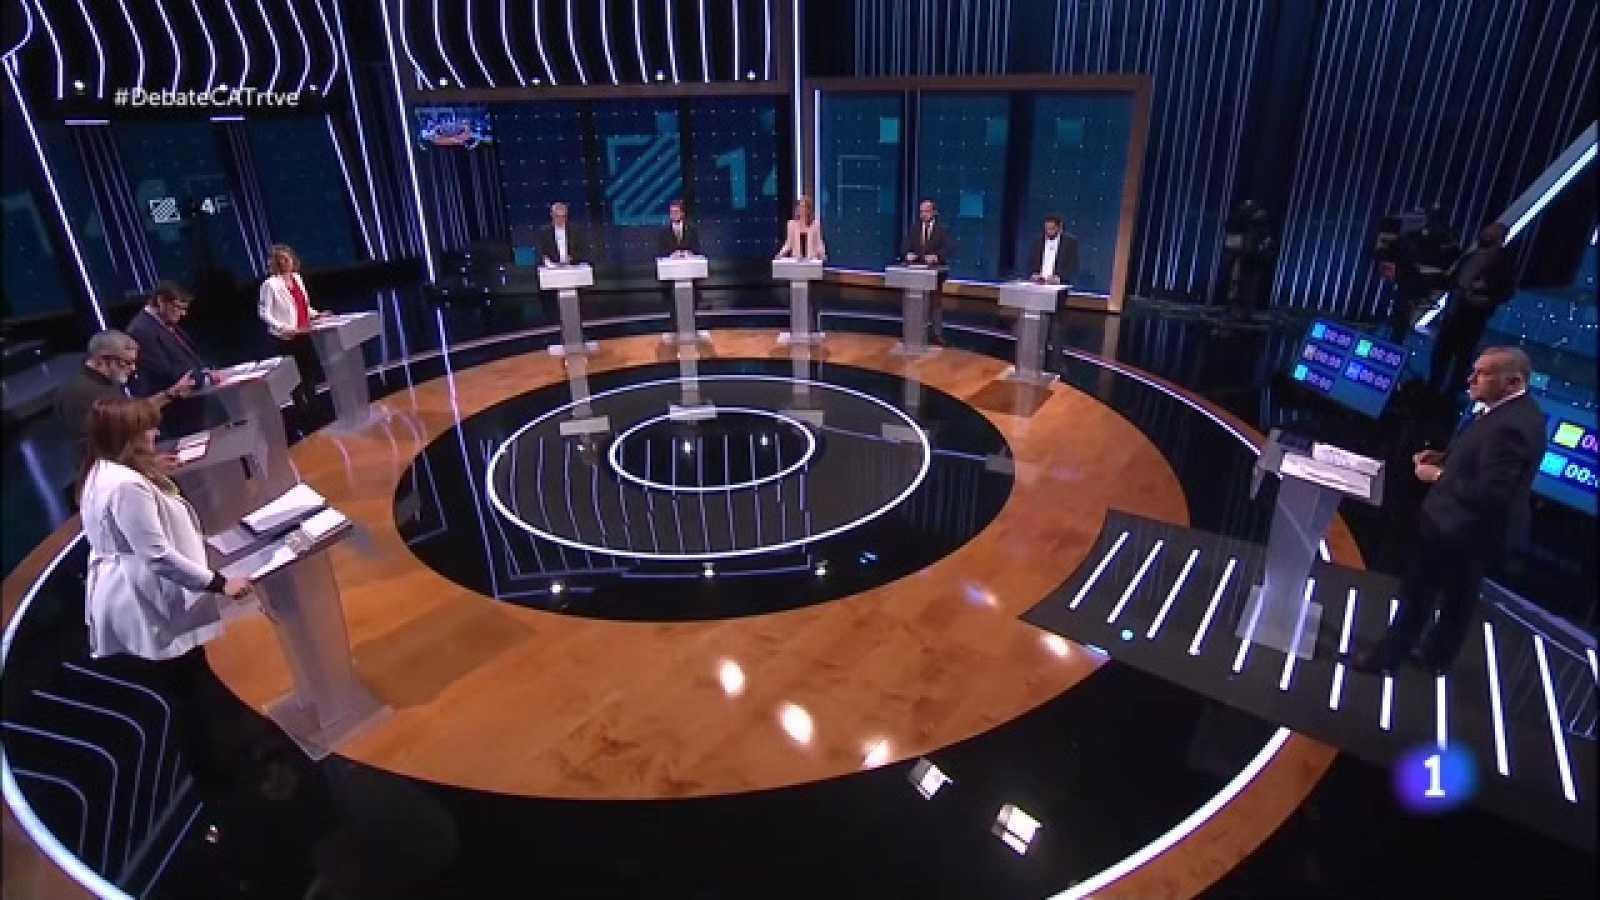 Debat Eleccions 14-F - Els nou candidats a presidir la Generalitat de Catalunya s'enfronten en el debat d'RTVE